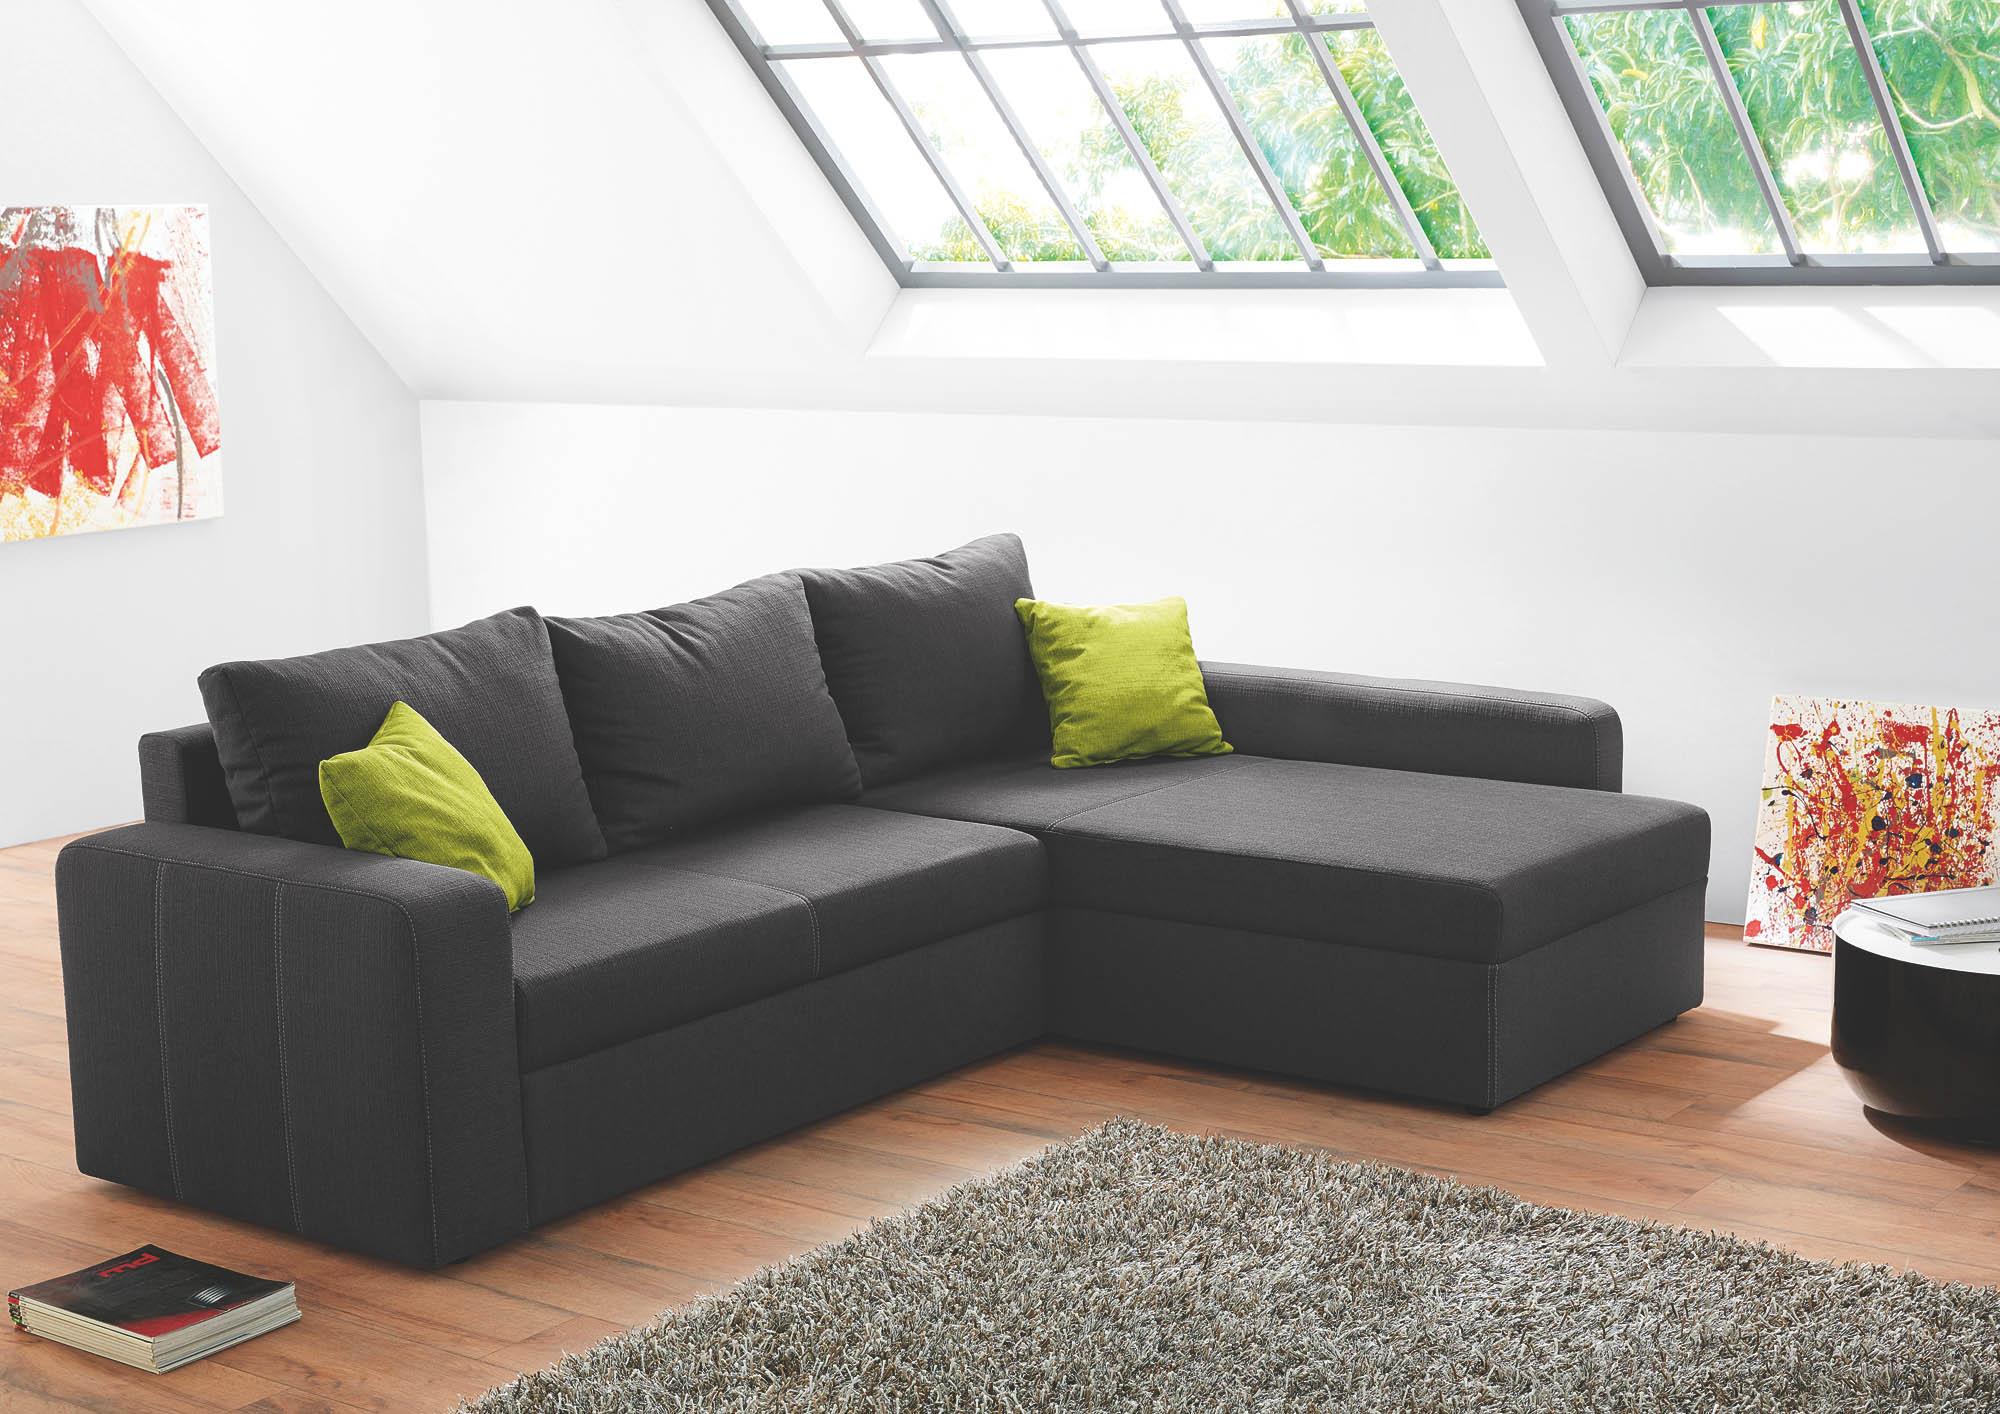 wohnlandschaft mit g stebettfkt und integriertem. Black Bedroom Furniture Sets. Home Design Ideas